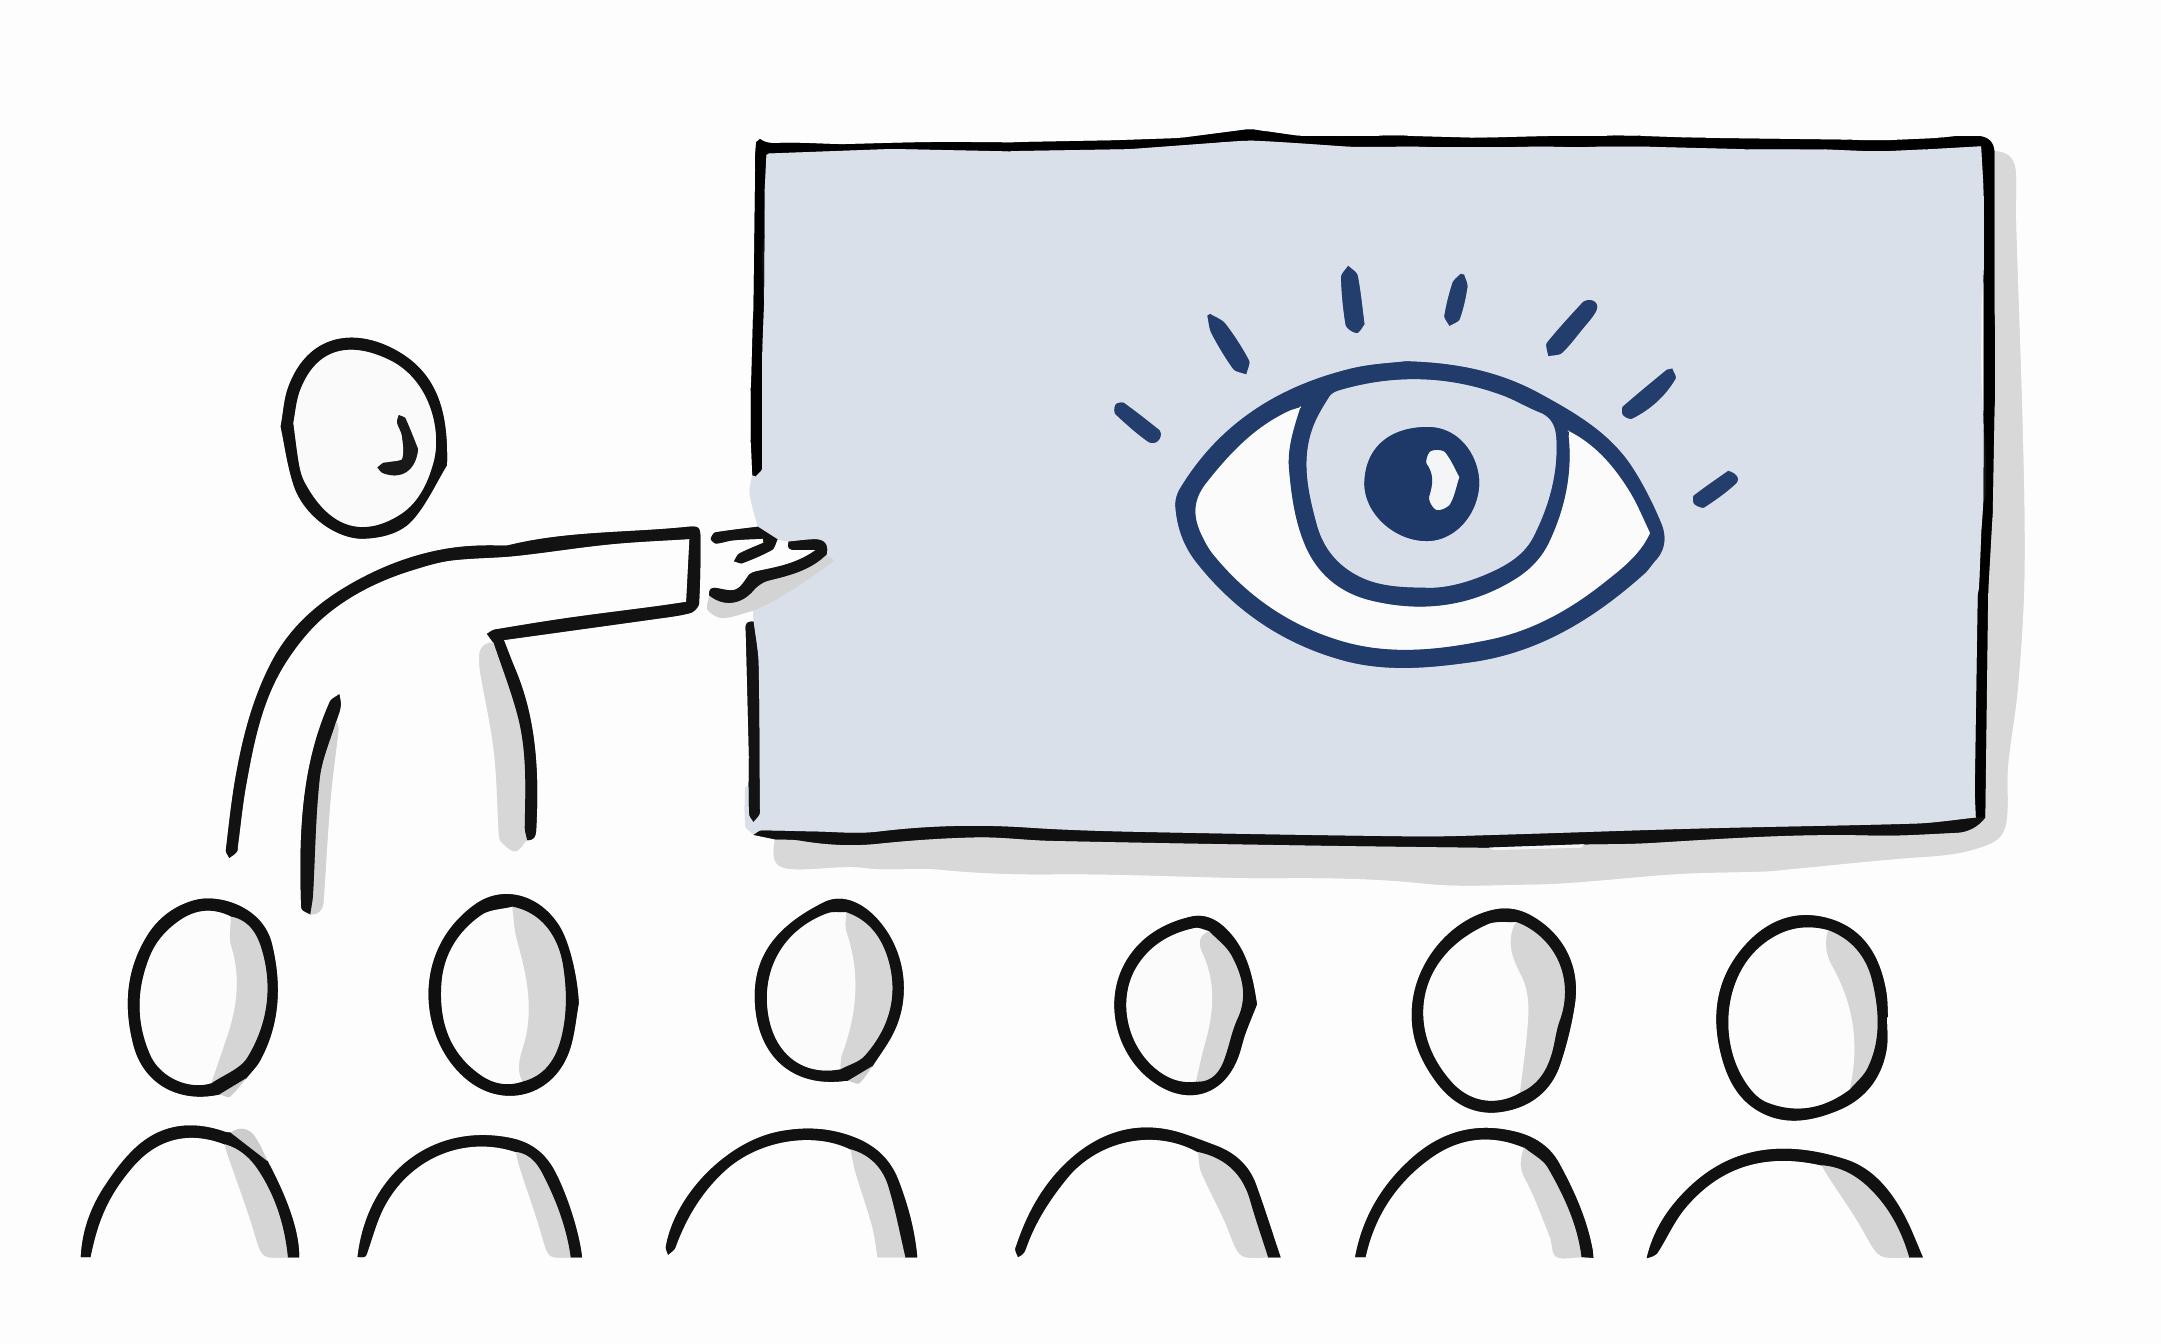 handgezeichnete Vortragssituation, bei die vortragende Person auf eine Leinwand mit einem großen Auge zeigt